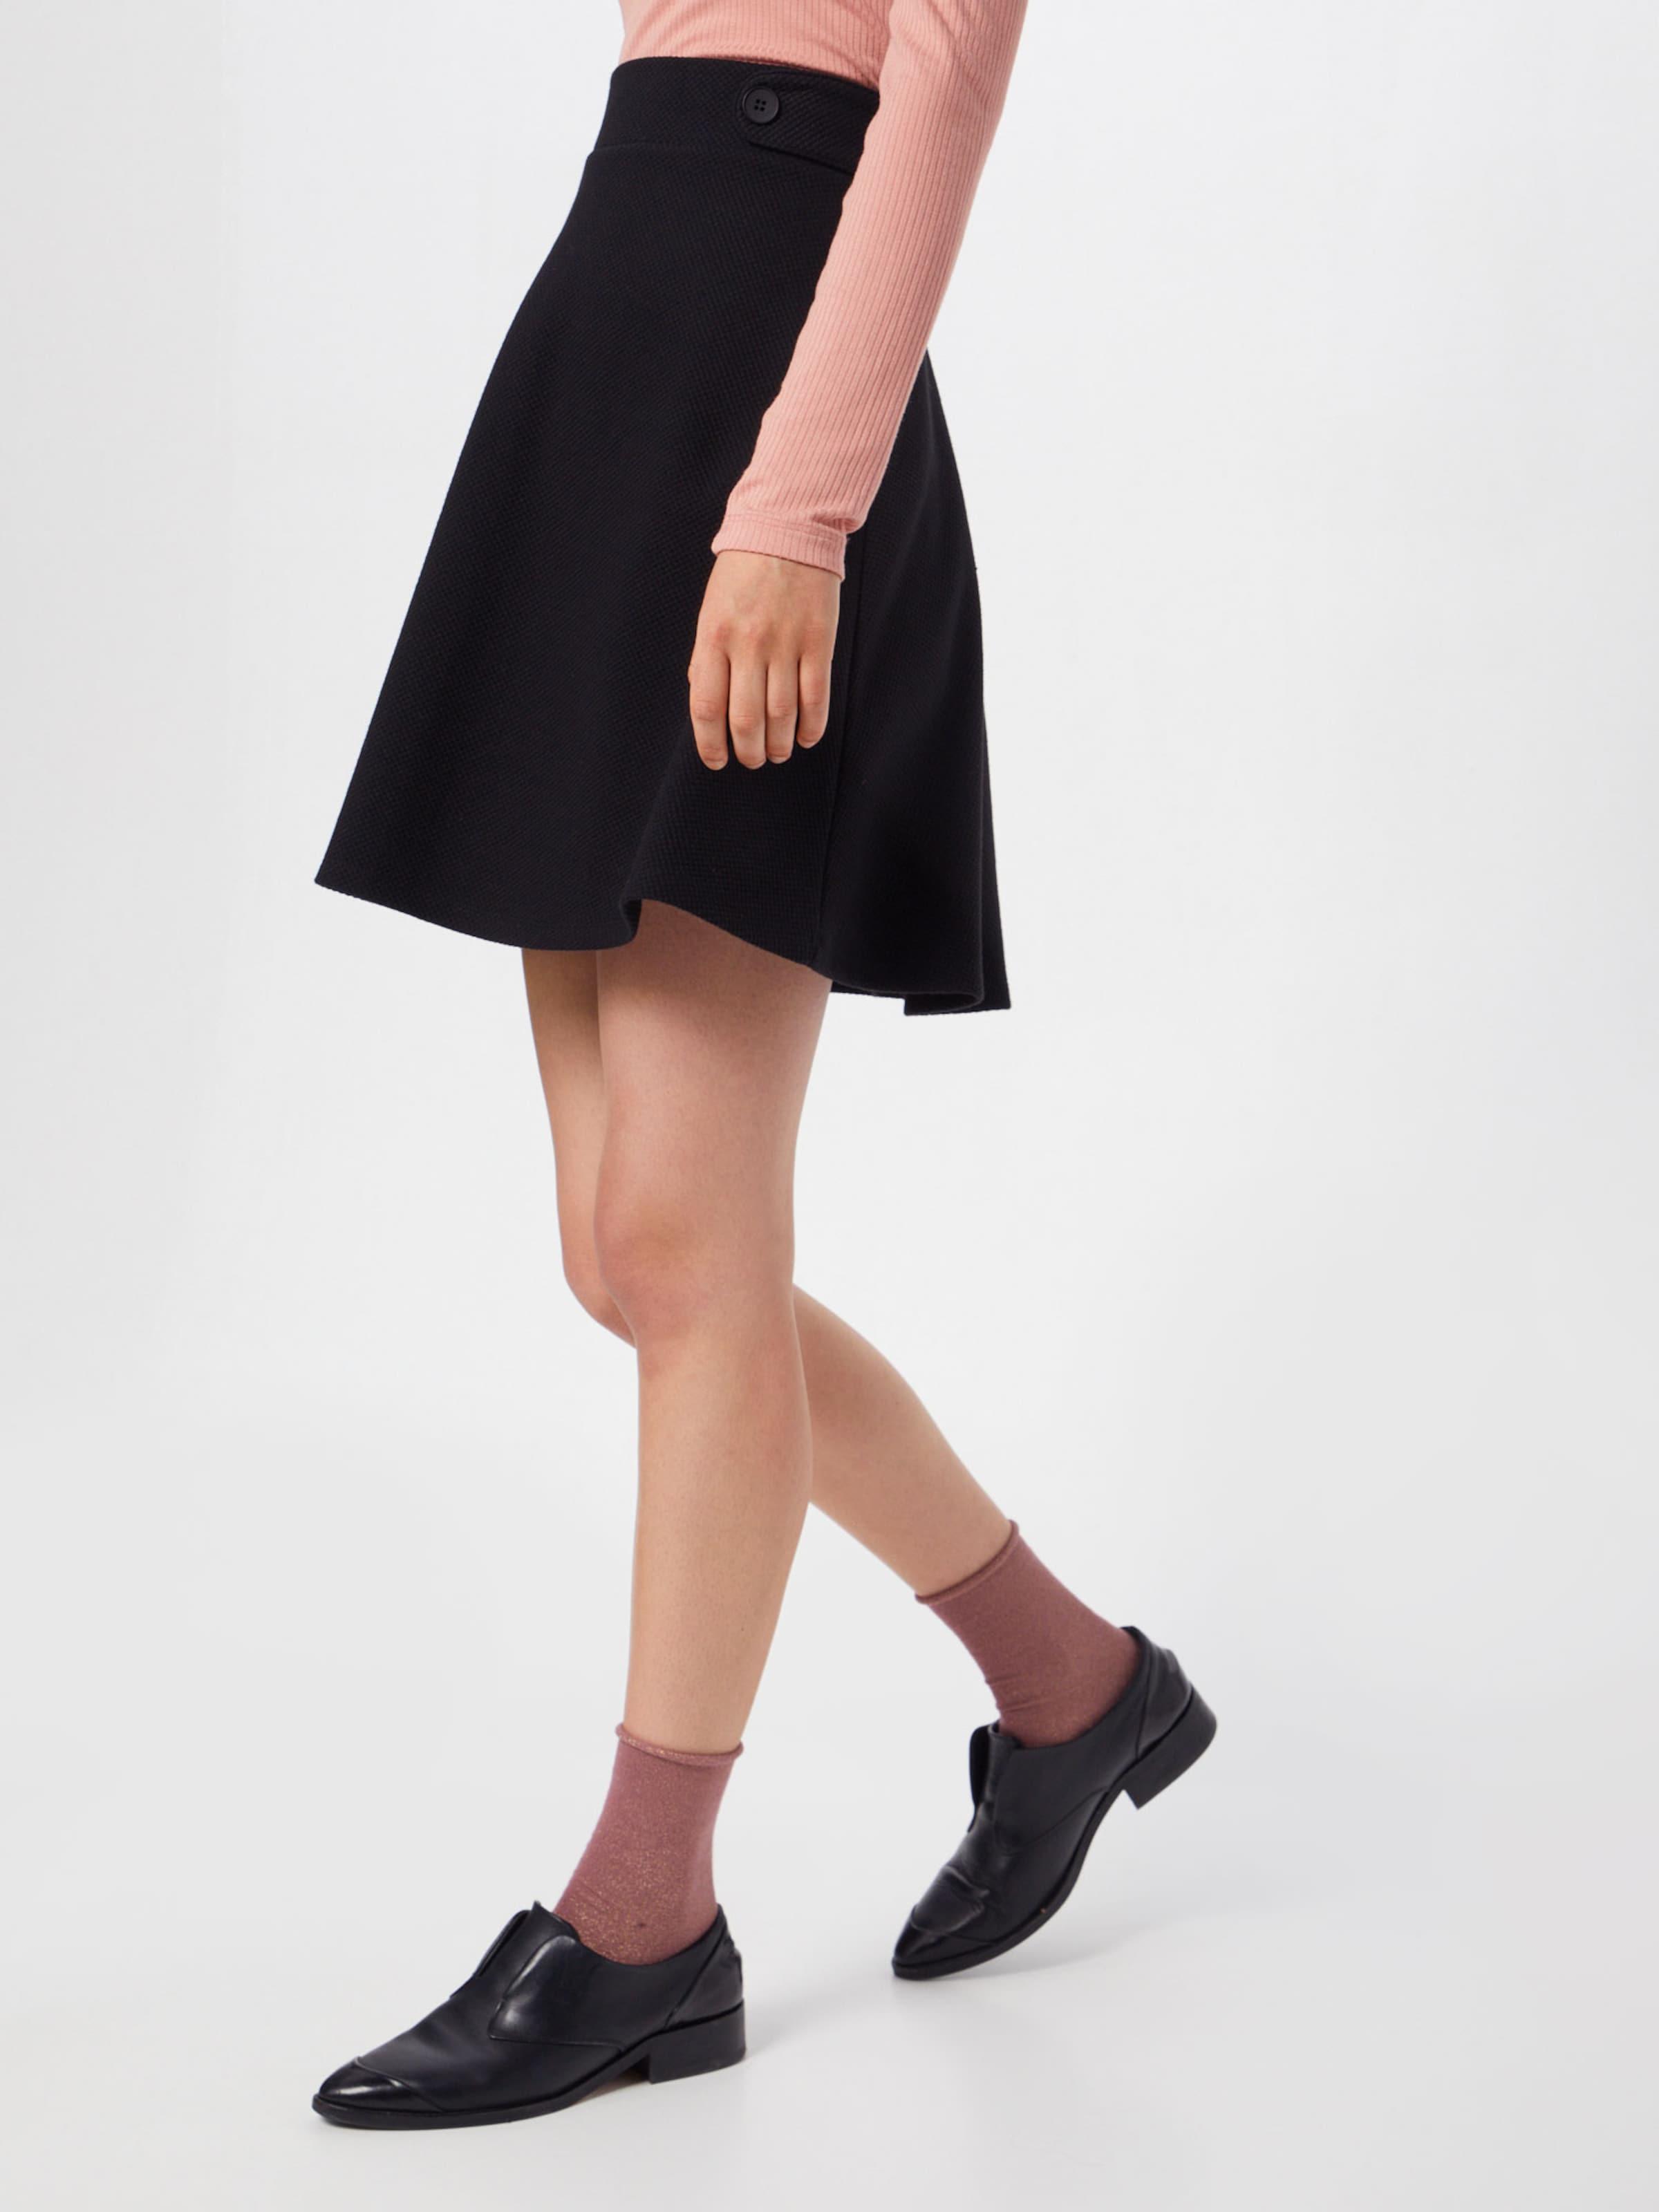 Esprit In Rock 'skirts Knitted' Schwarz JcuF3TK1l